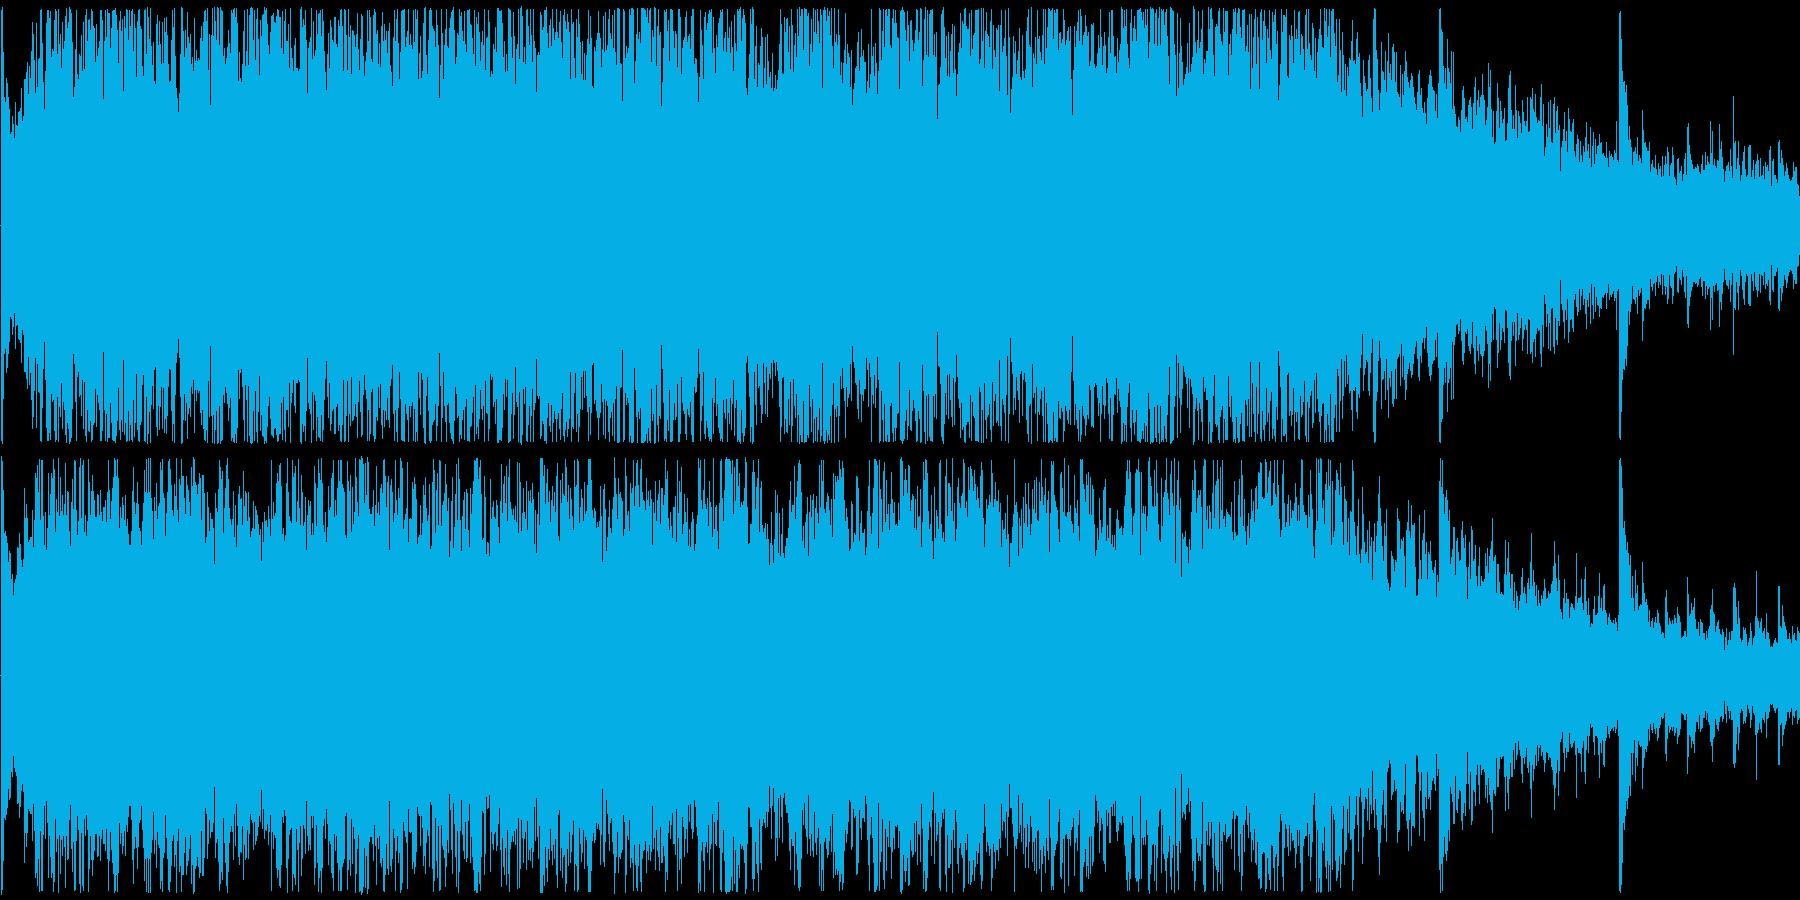 【ファンタジー/映画/ゲーム/開幕】の再生済みの波形